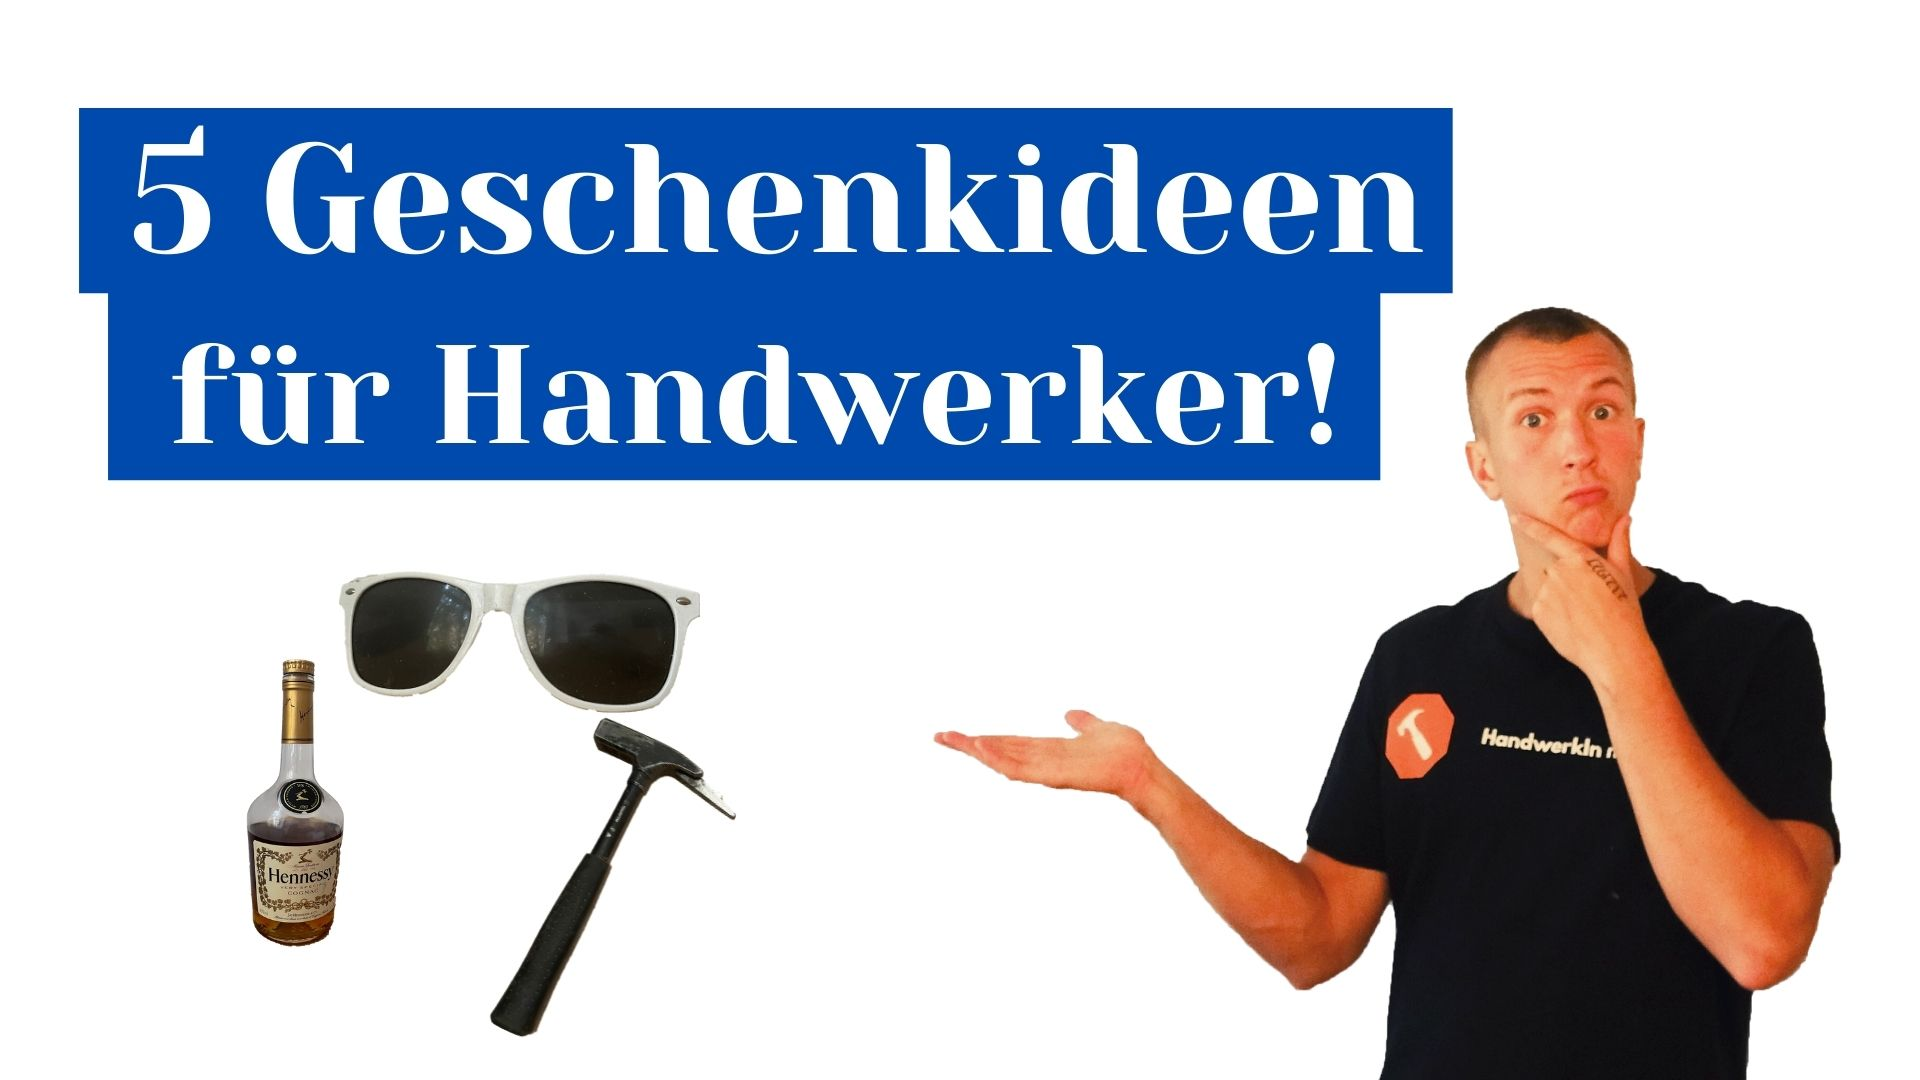 5 Geschenke für Handwerker – Ein Dachdecker gibt Empfehlungen! ( mit Geheimtipp! )